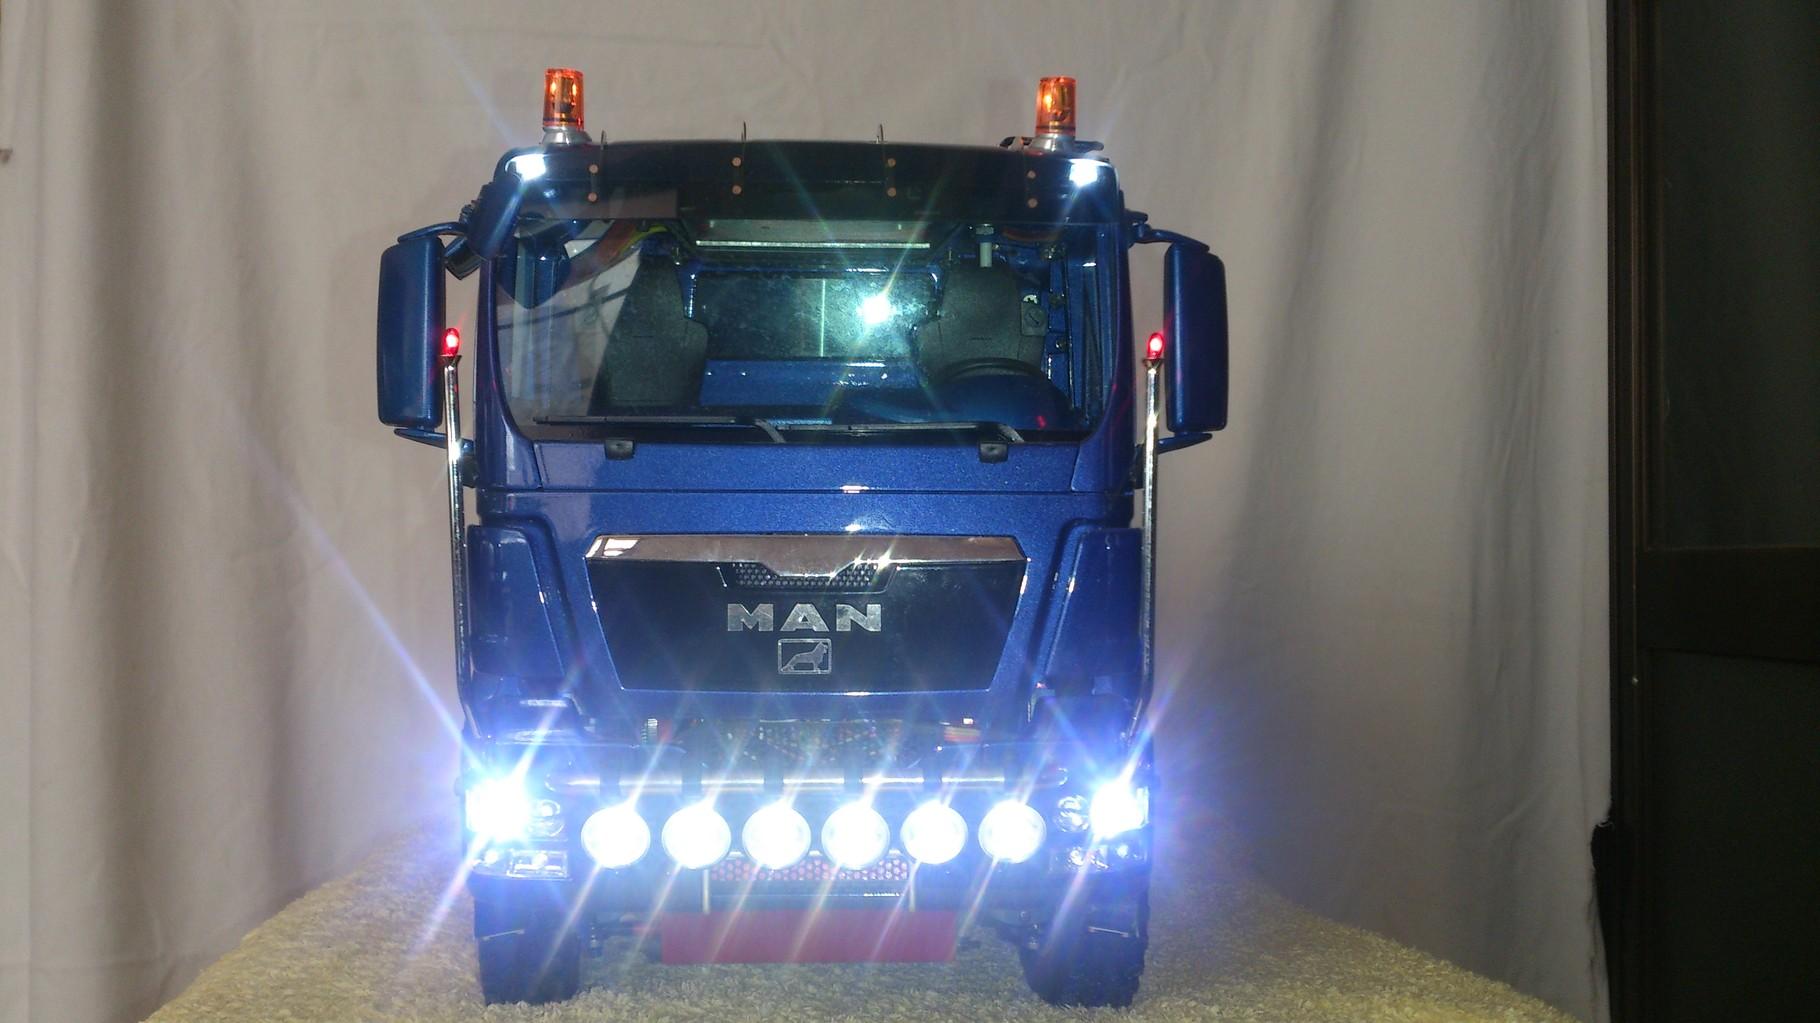 ScaleART MAN TGS ハーフパイプダンプトラック_ロービームとグリルランプ点灯